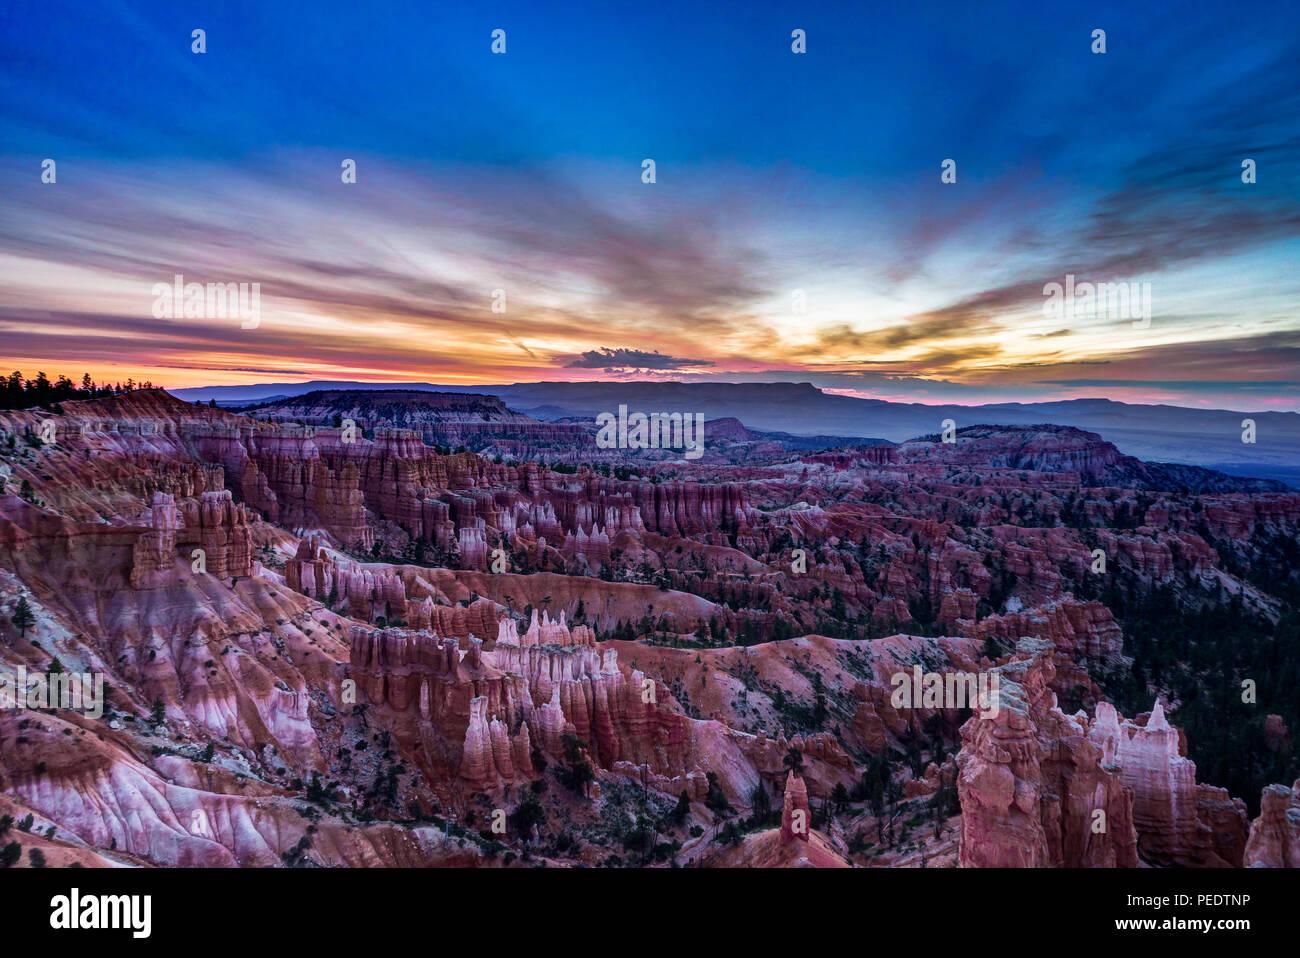 Foto tomada en Bryce Canyon en Utah, Estados Unidos de América. Imagen De Stock